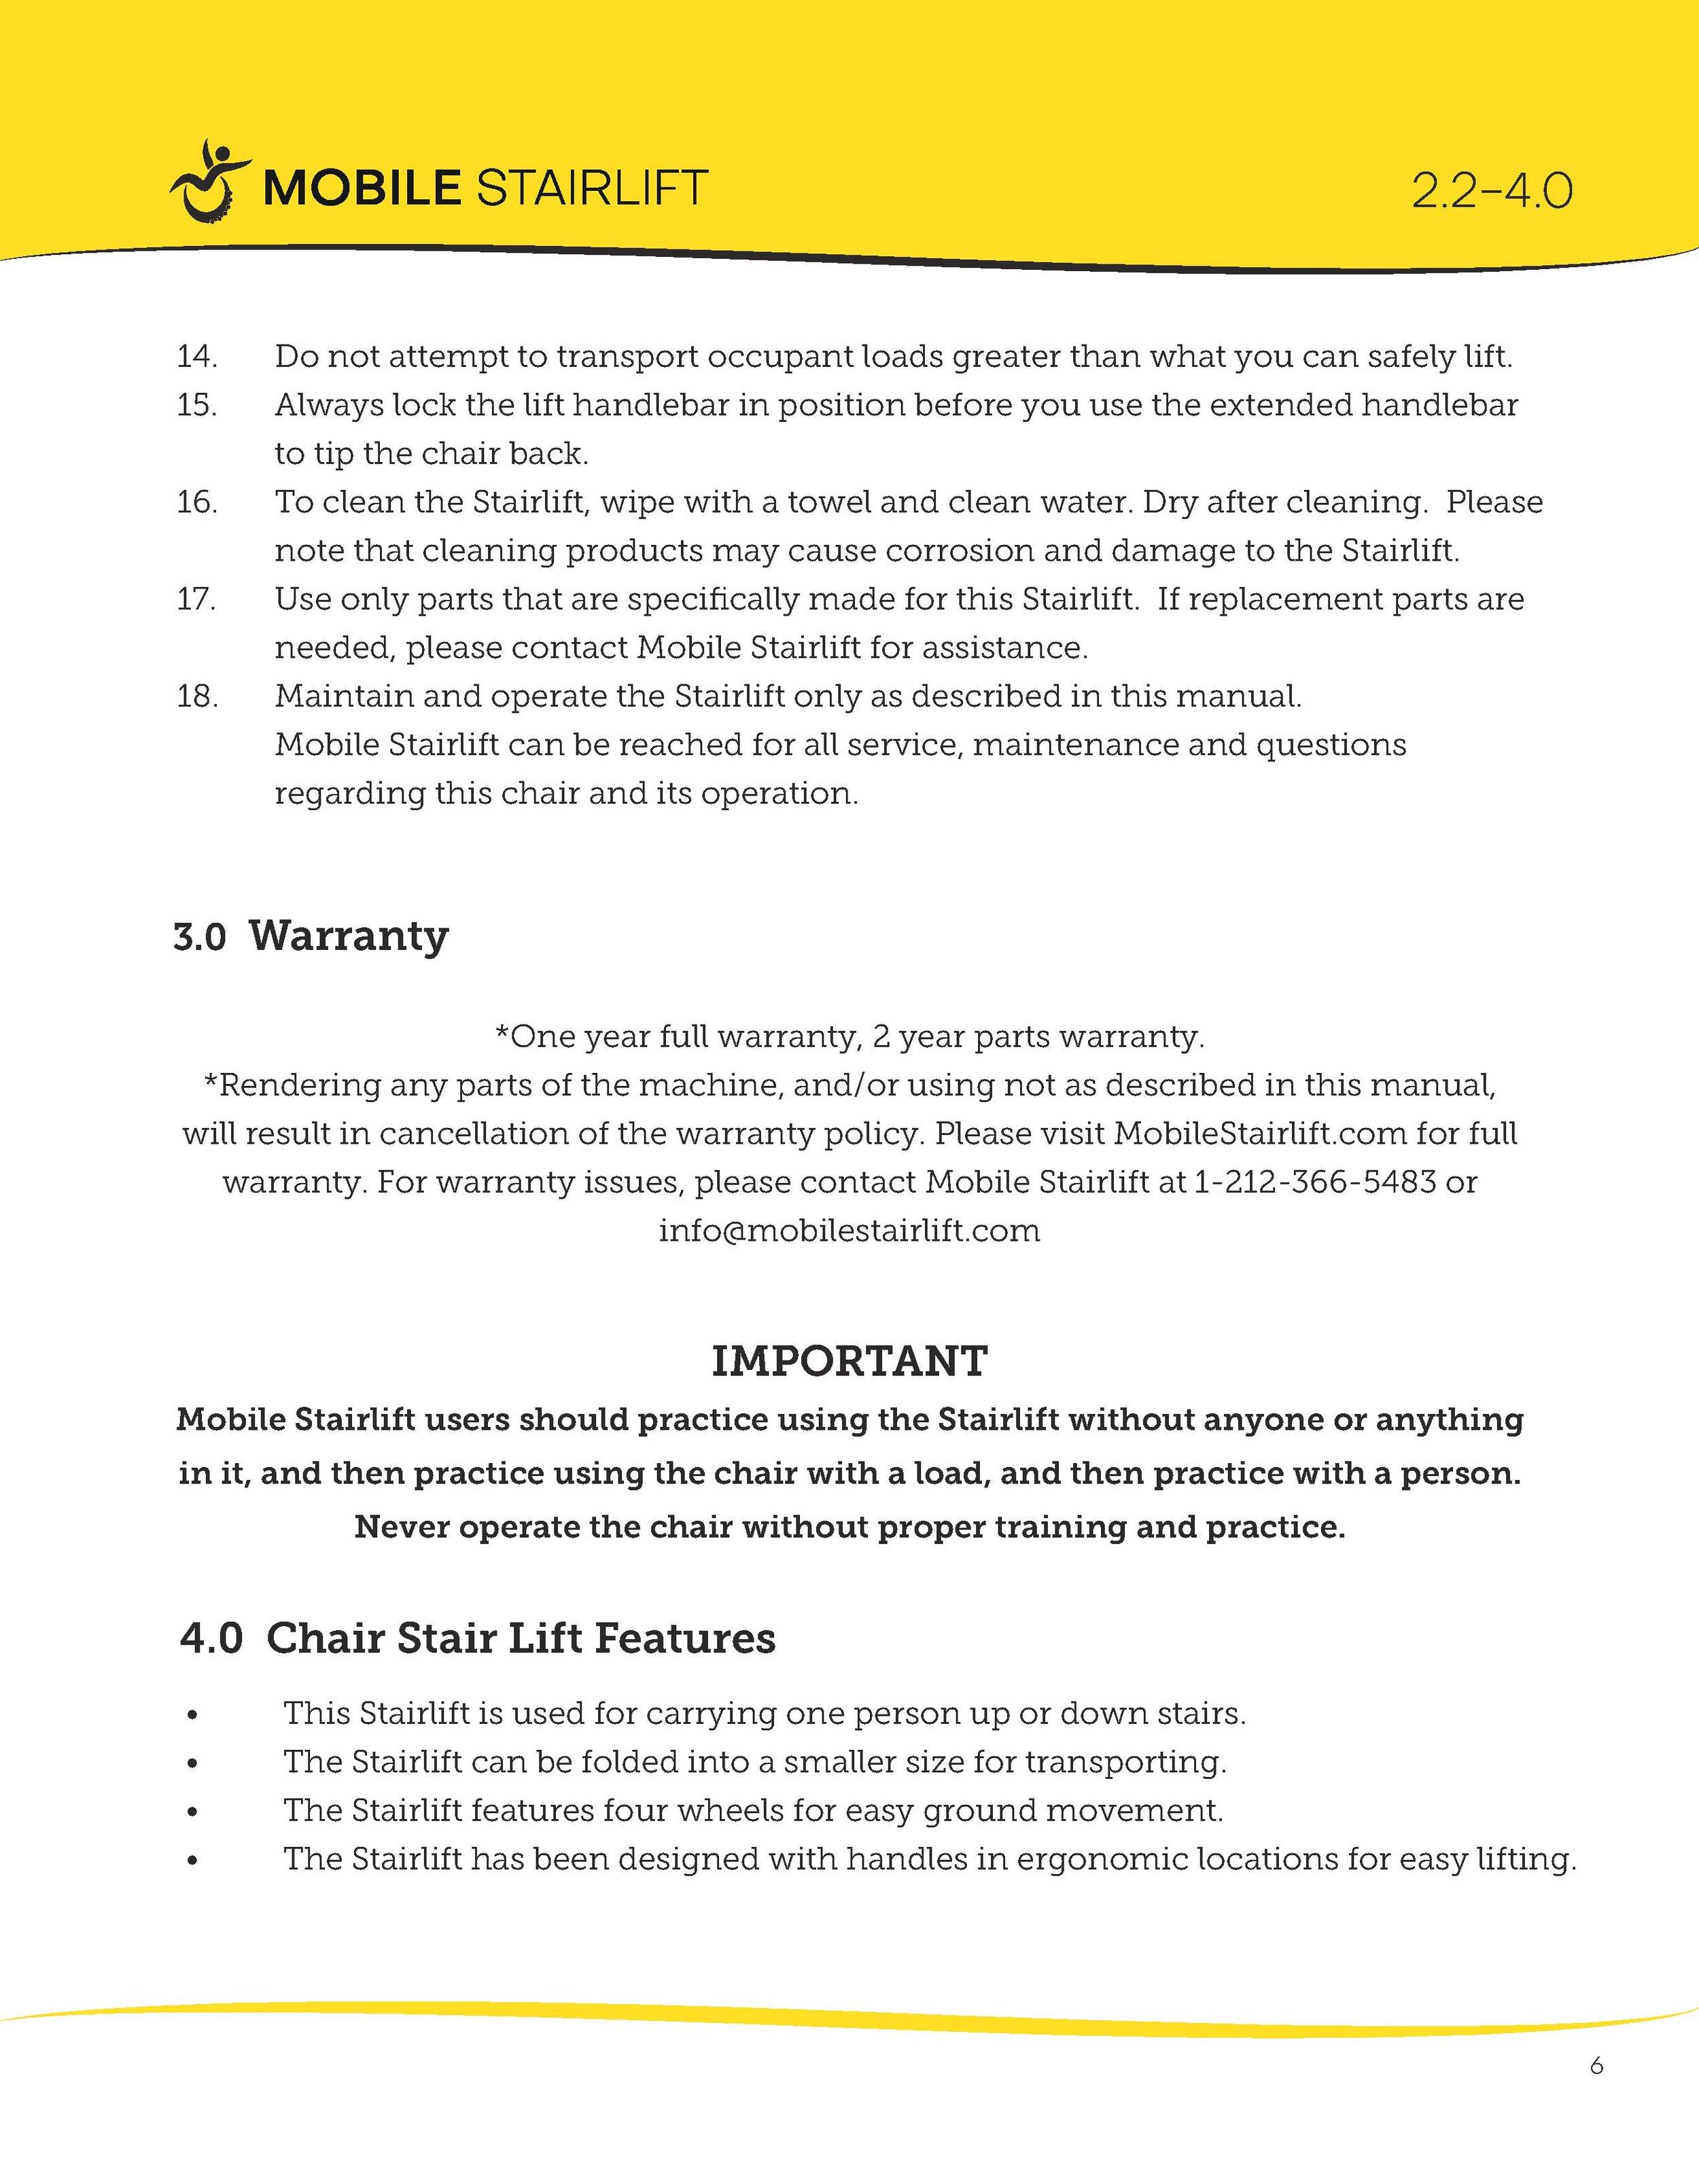 Mobile Stairlift Instruction Manual-7.jpg